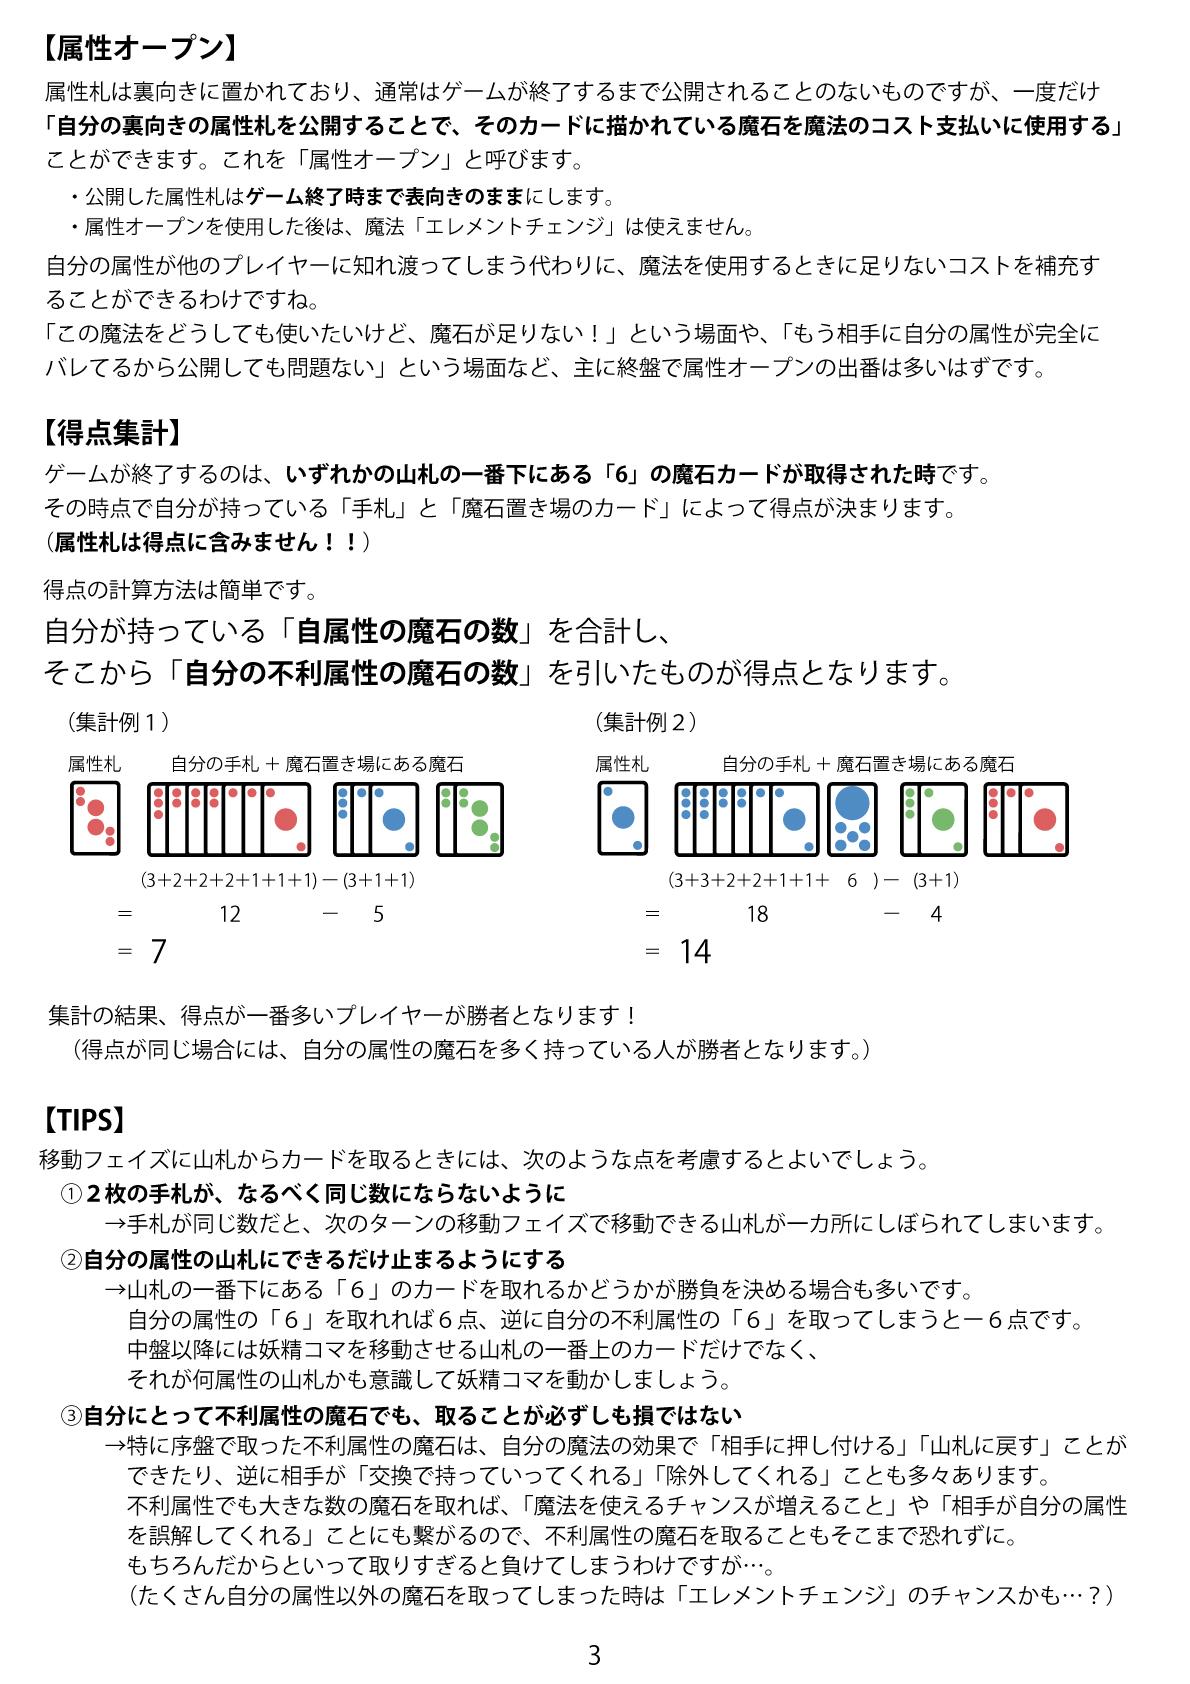 インスト用説明書3